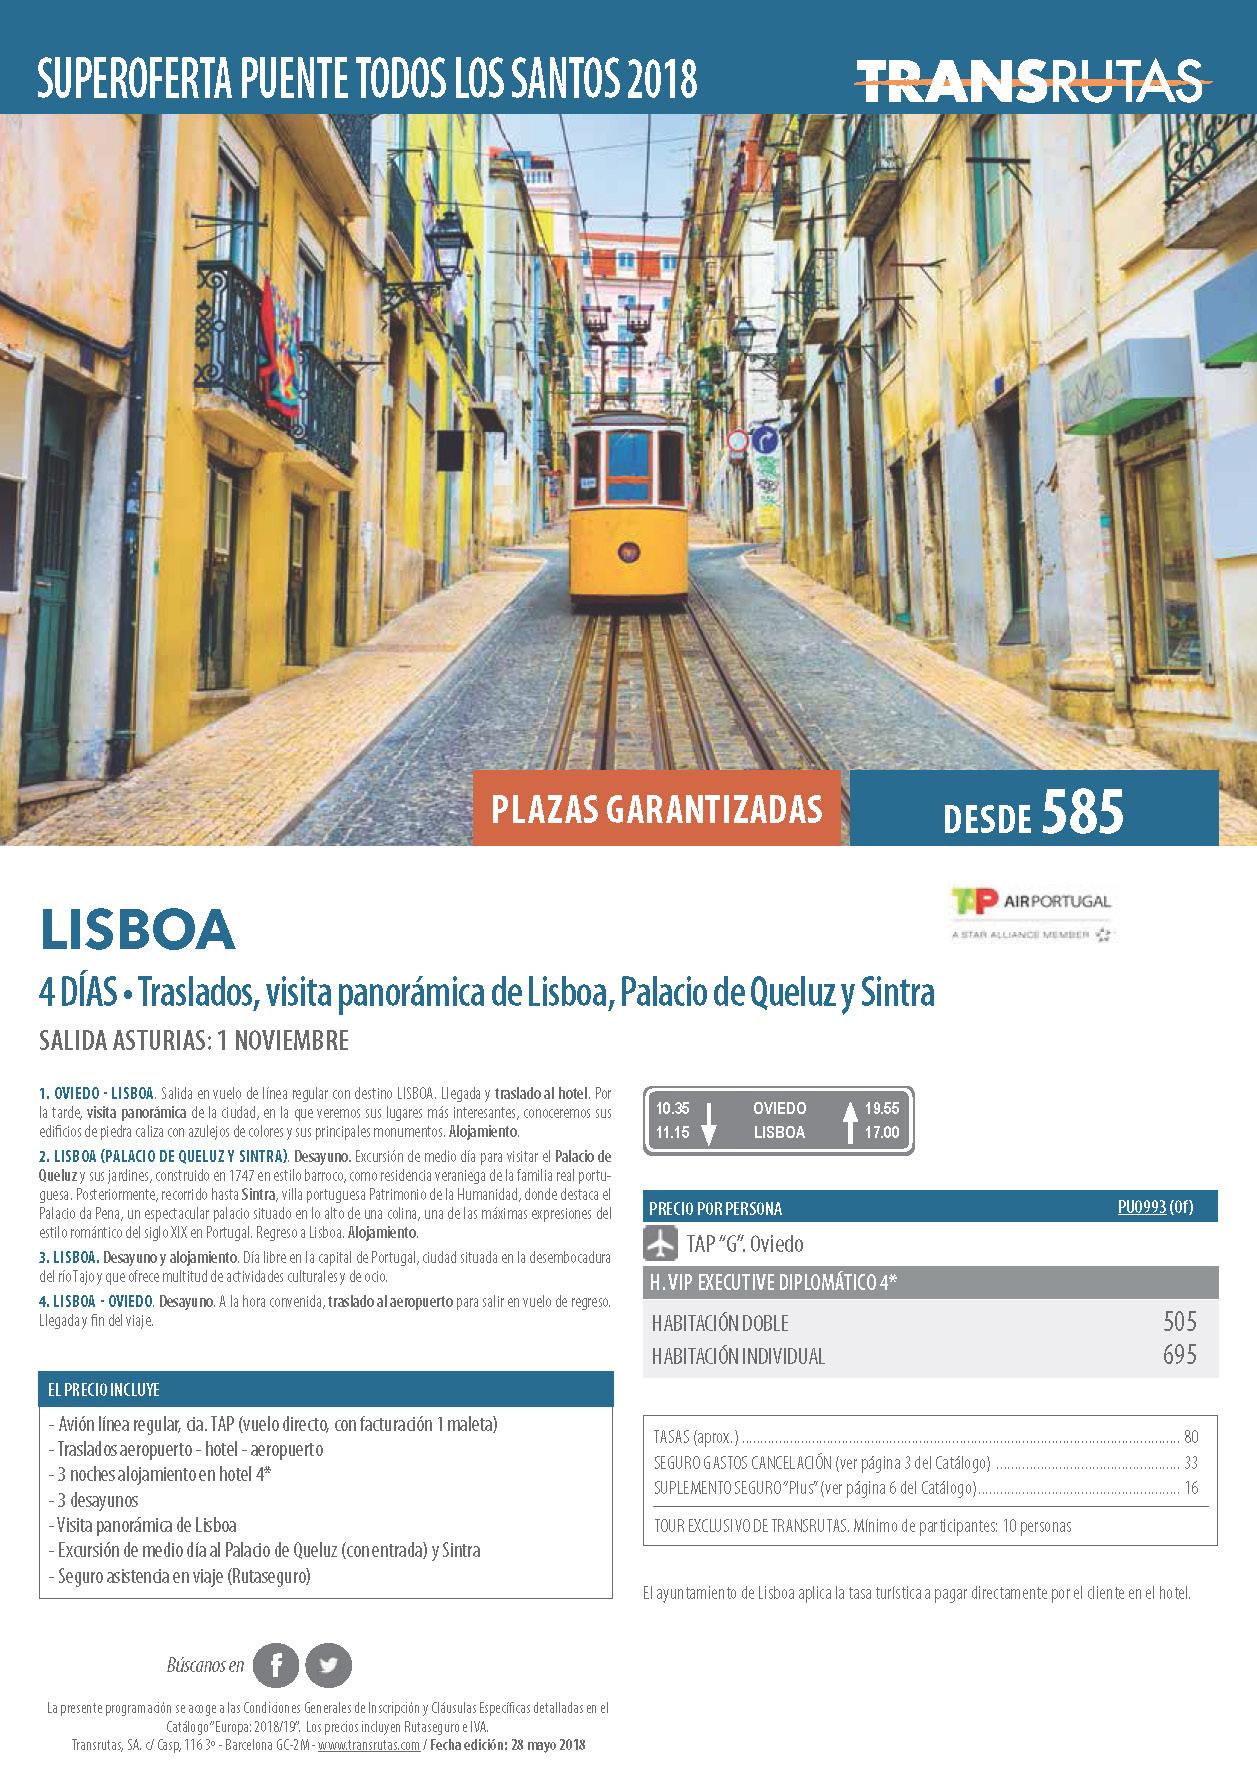 Oferta Transrutas Puente de Todos los Santos 2018 en Lisboa vuelo directo desde Asturias